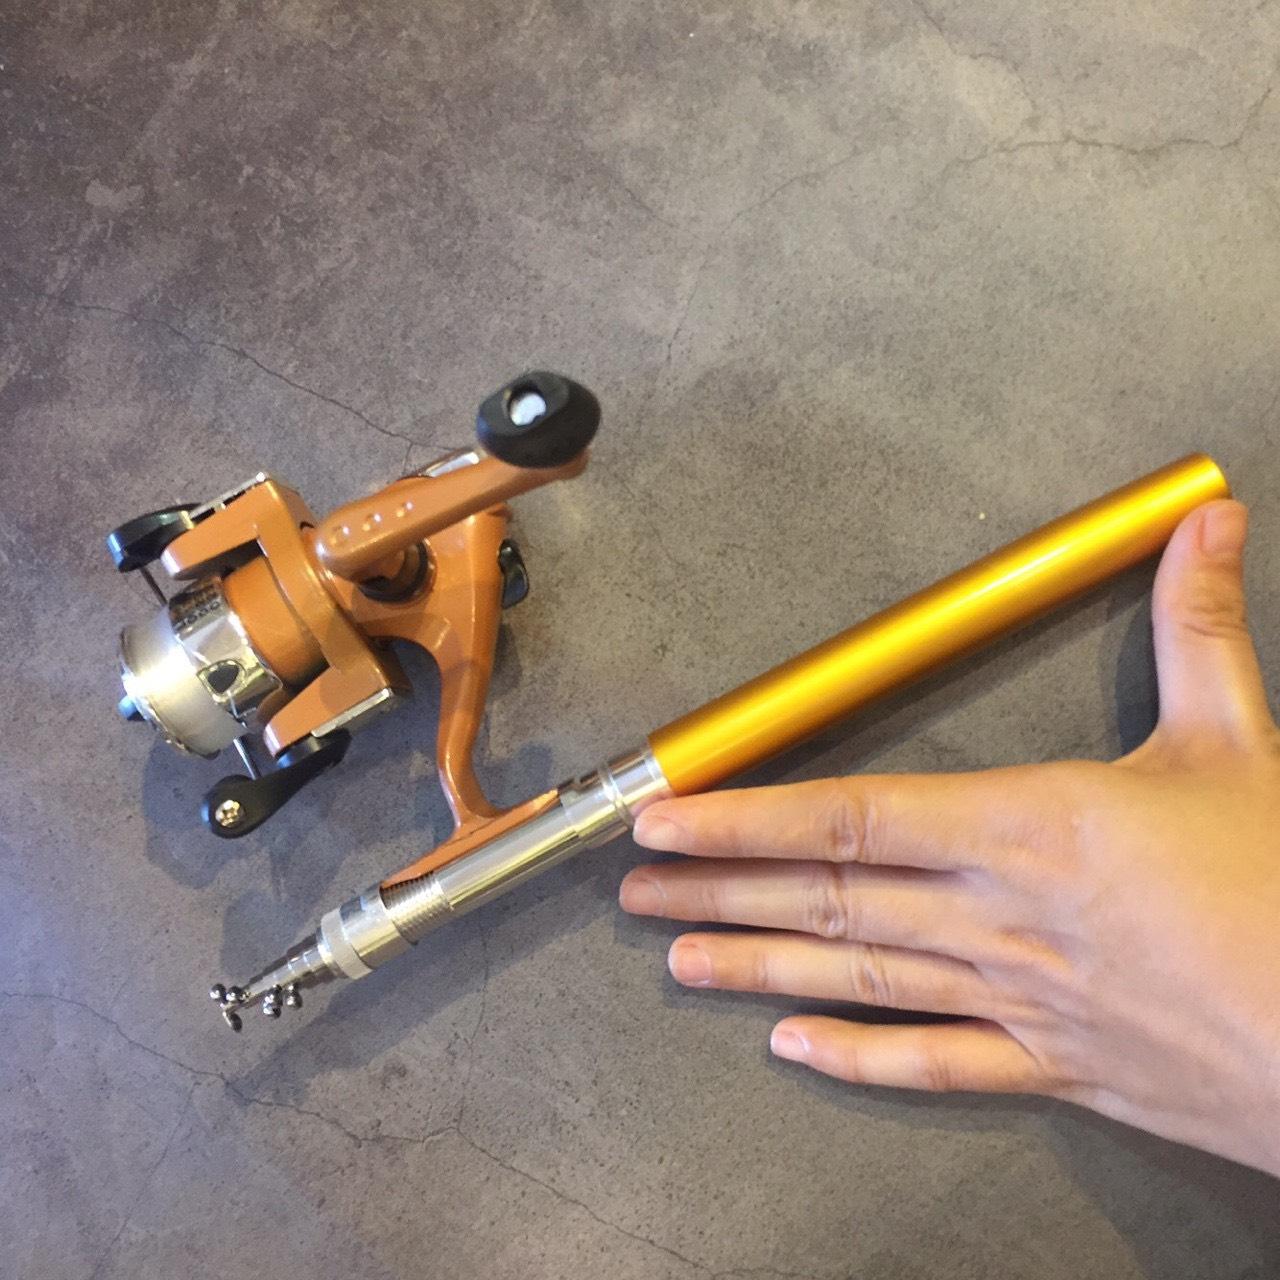 [TIỆN LỢI] COMBO bộ cần câu bút bi mini kèm máy câu 1m/1m4 (máy câu đã quấn sẵn dây cước), cần câu bút máy đứng câu tôm câu mực thu nhỏ siêu nhẹ, mua can cau but